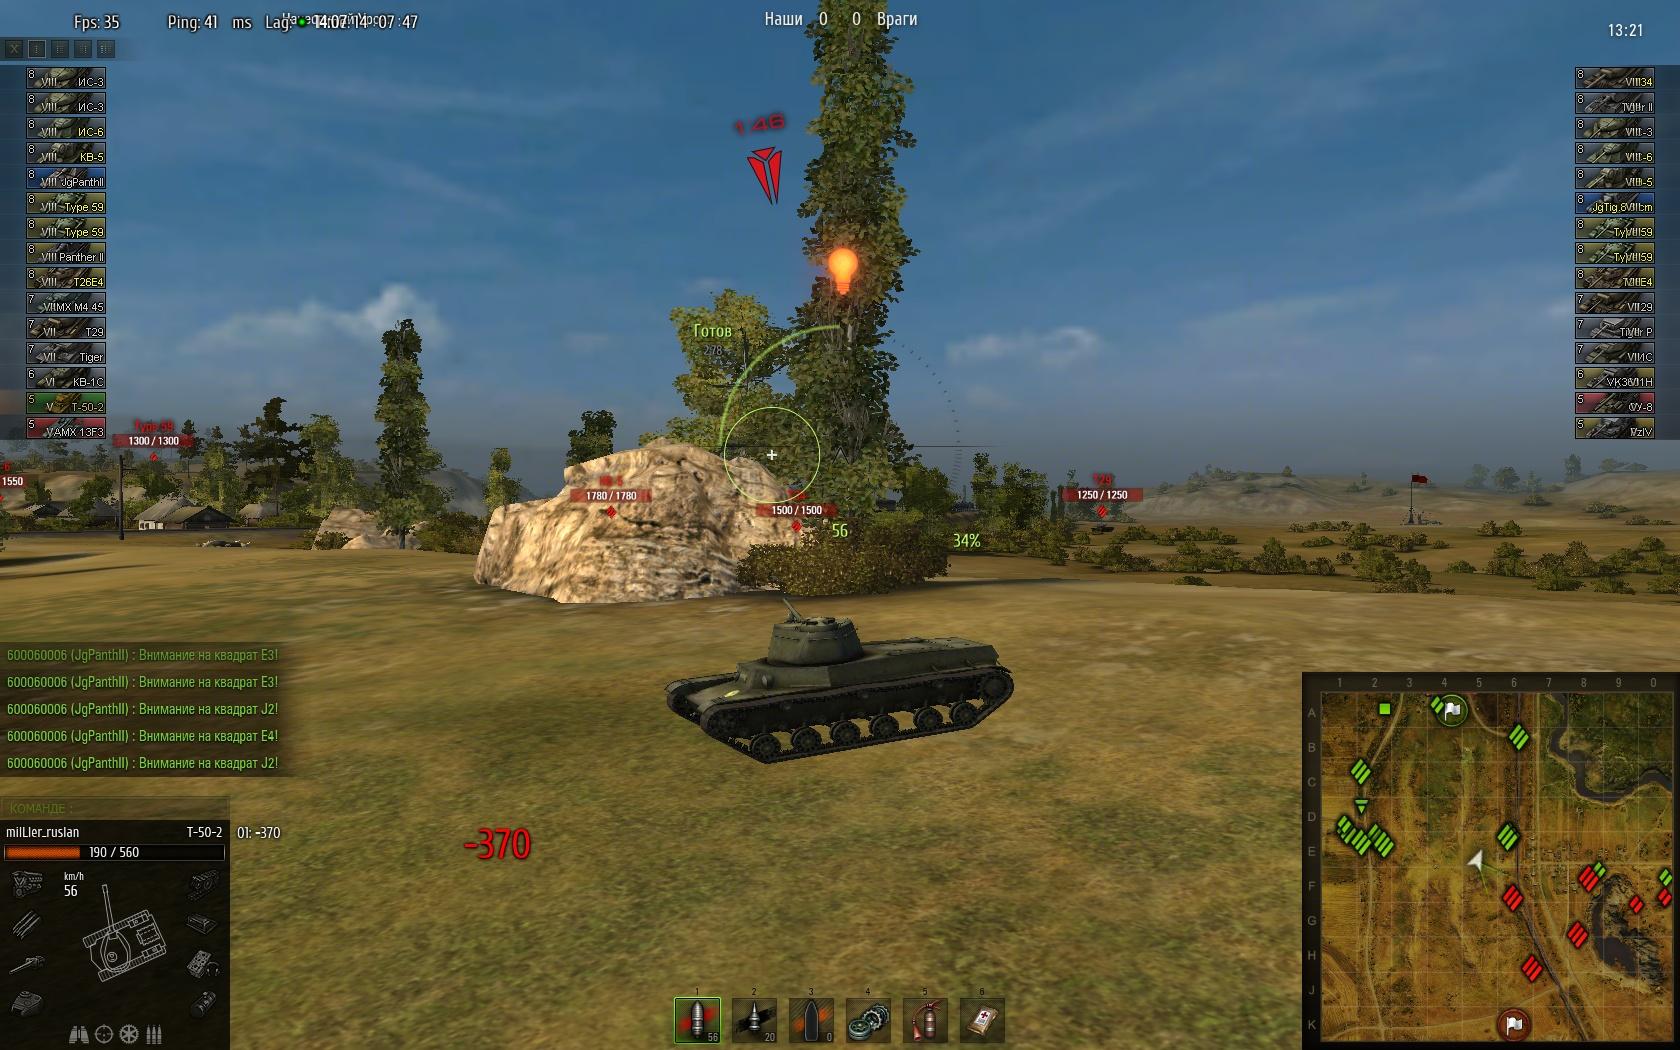 Скачать моды для world of tanks урона